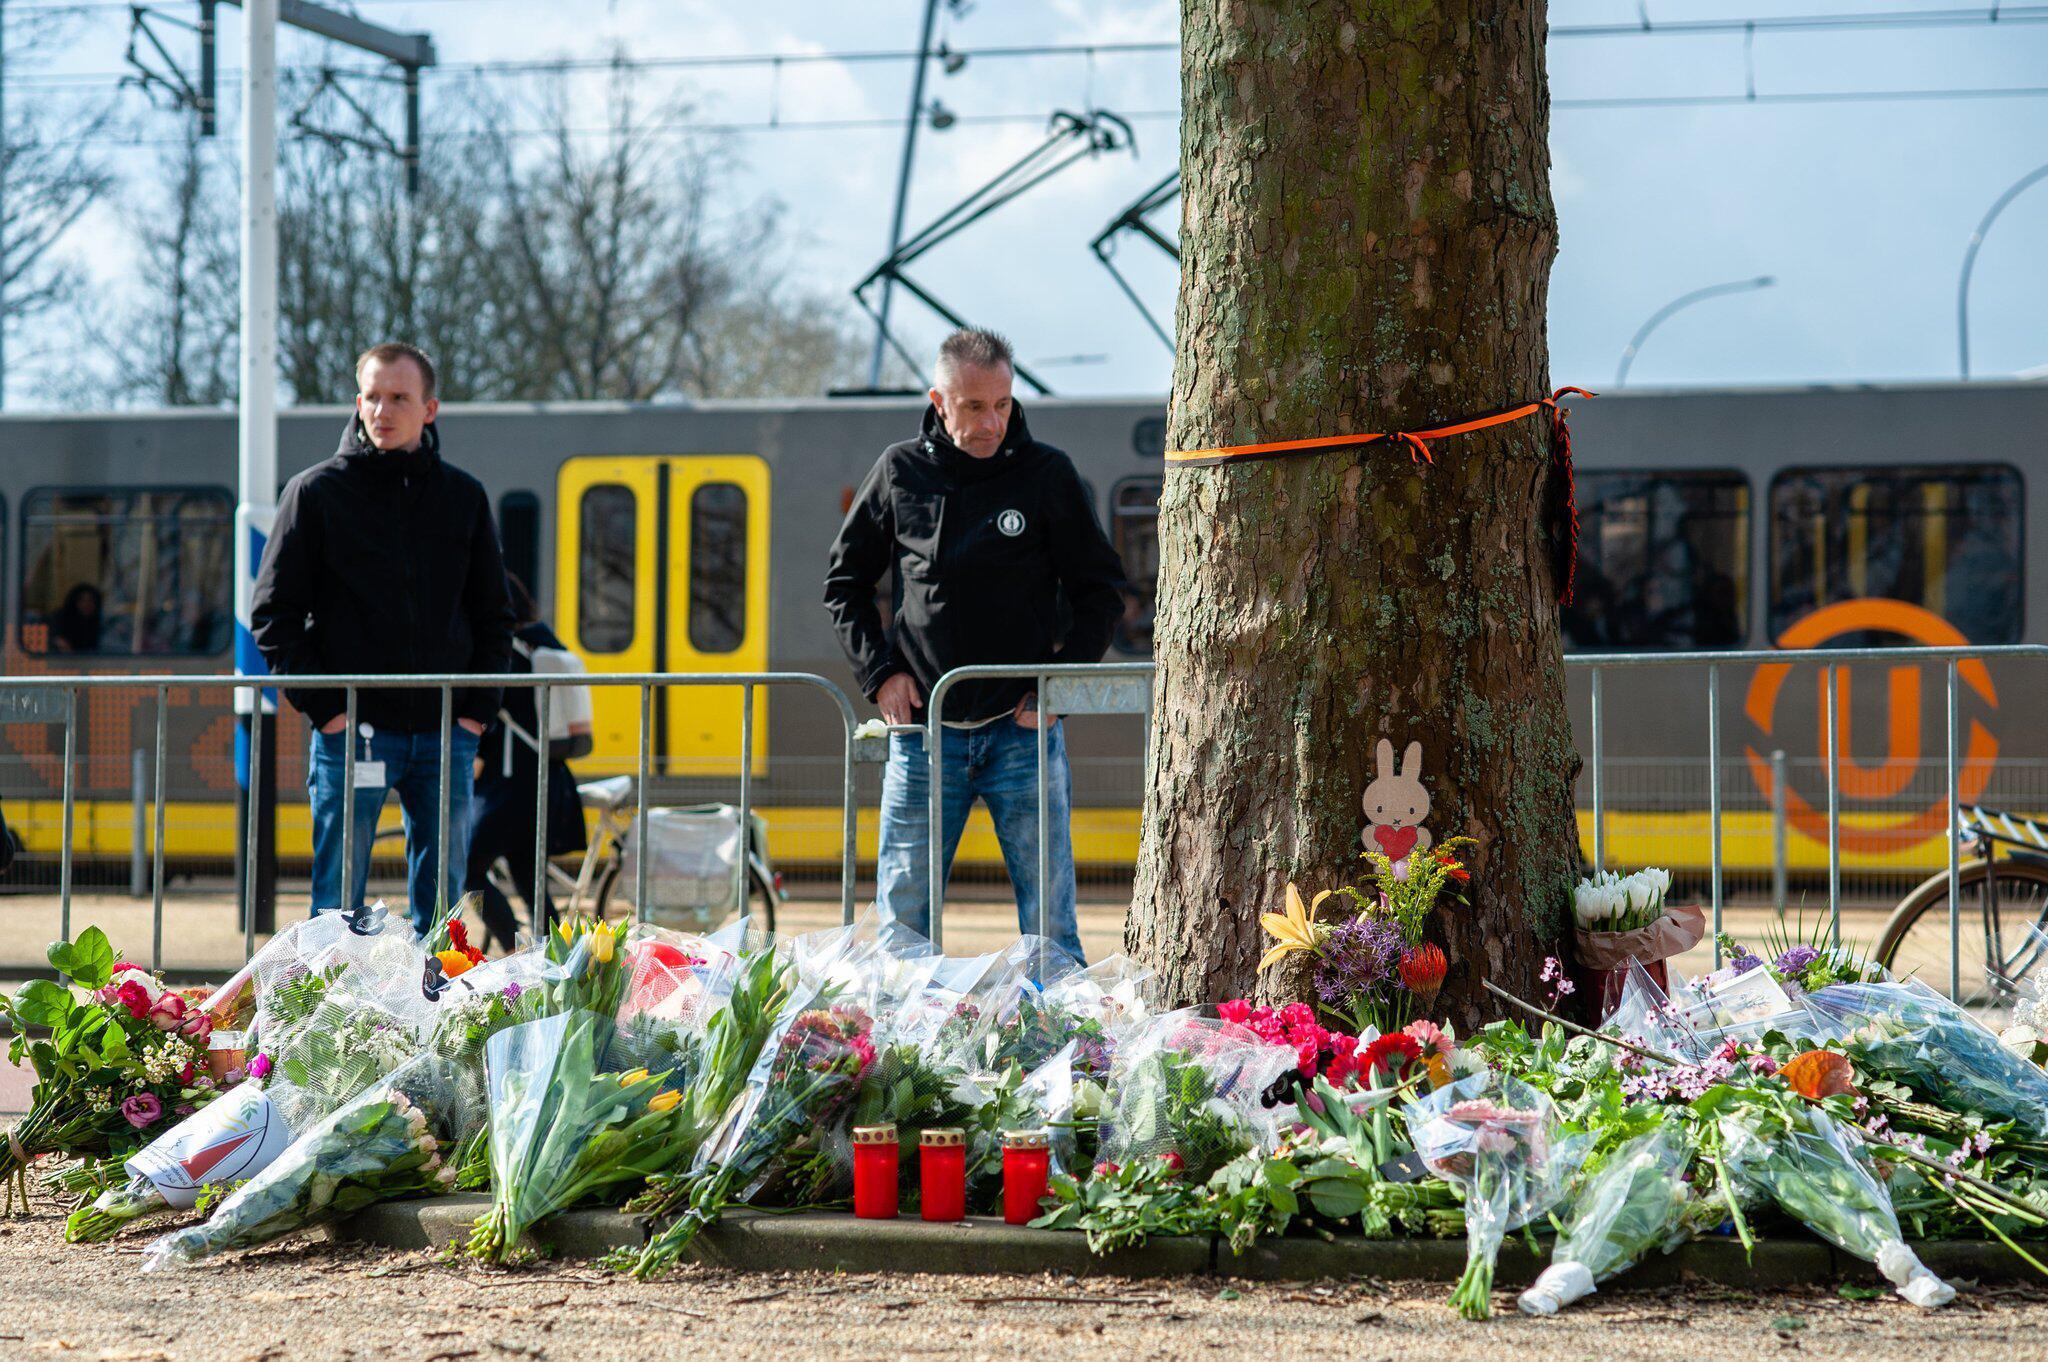 Bild zu Trauer nach Anschlag in Strassenbahn in Utrecht